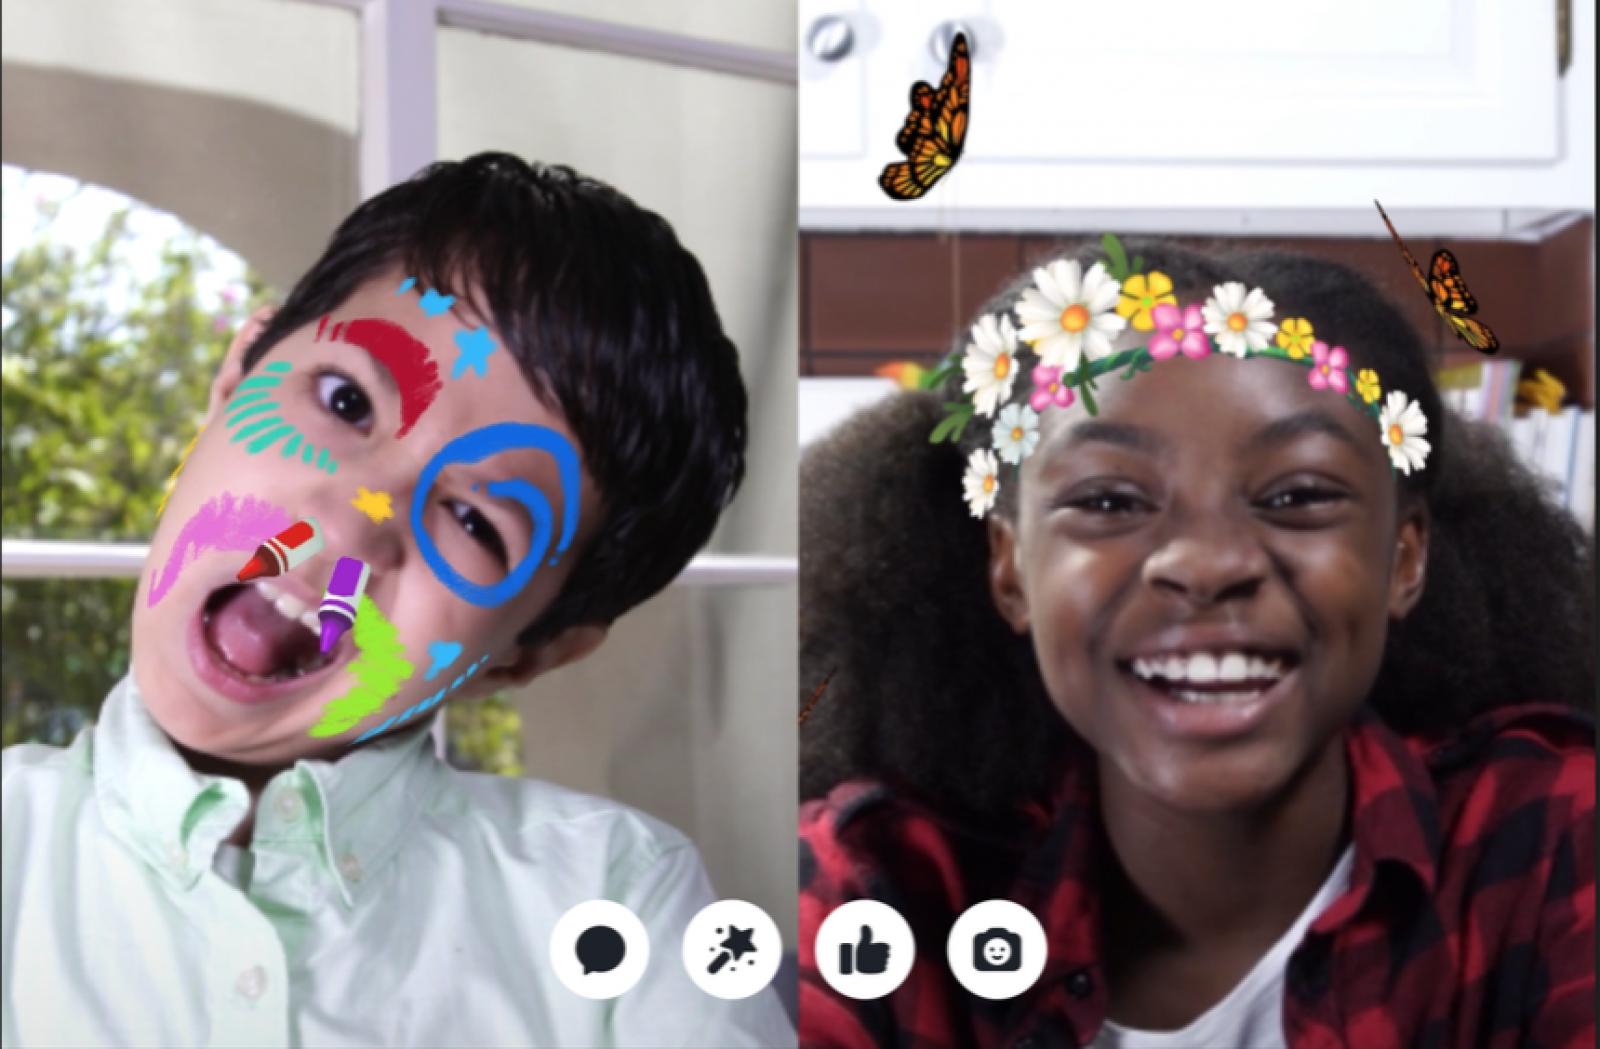 Facebook introduce aplicația Messenger Kids: Copiii vor putea comunica cu familia și prietenii, în siguranță